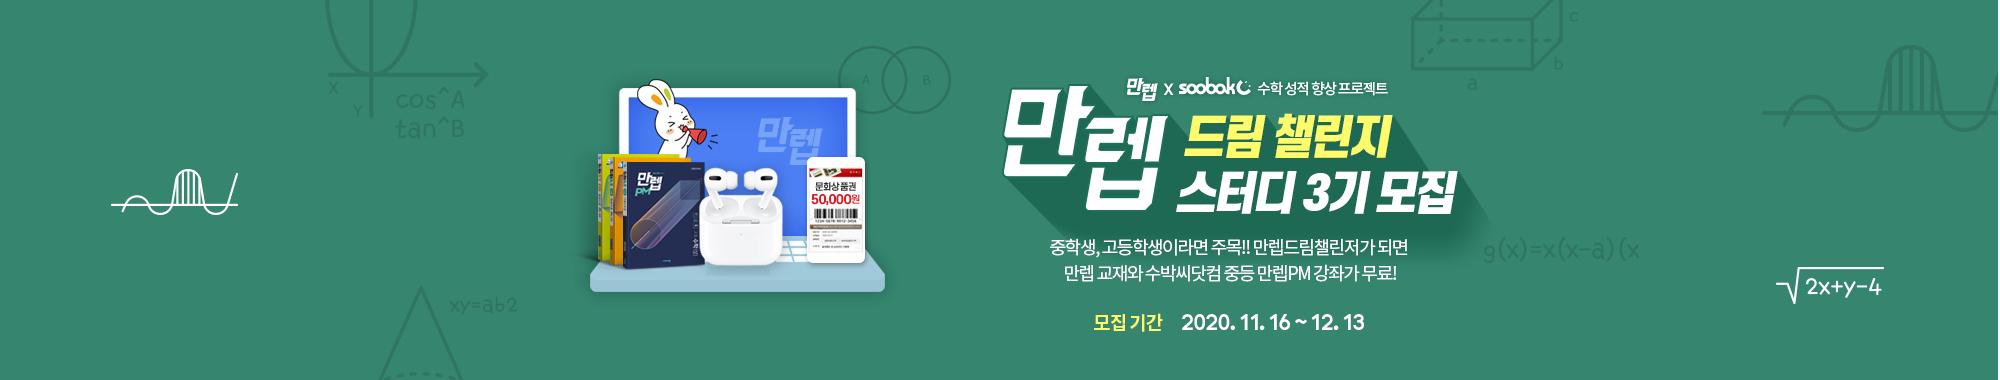 만렙 드림 챌린지 스터디 3기 모집